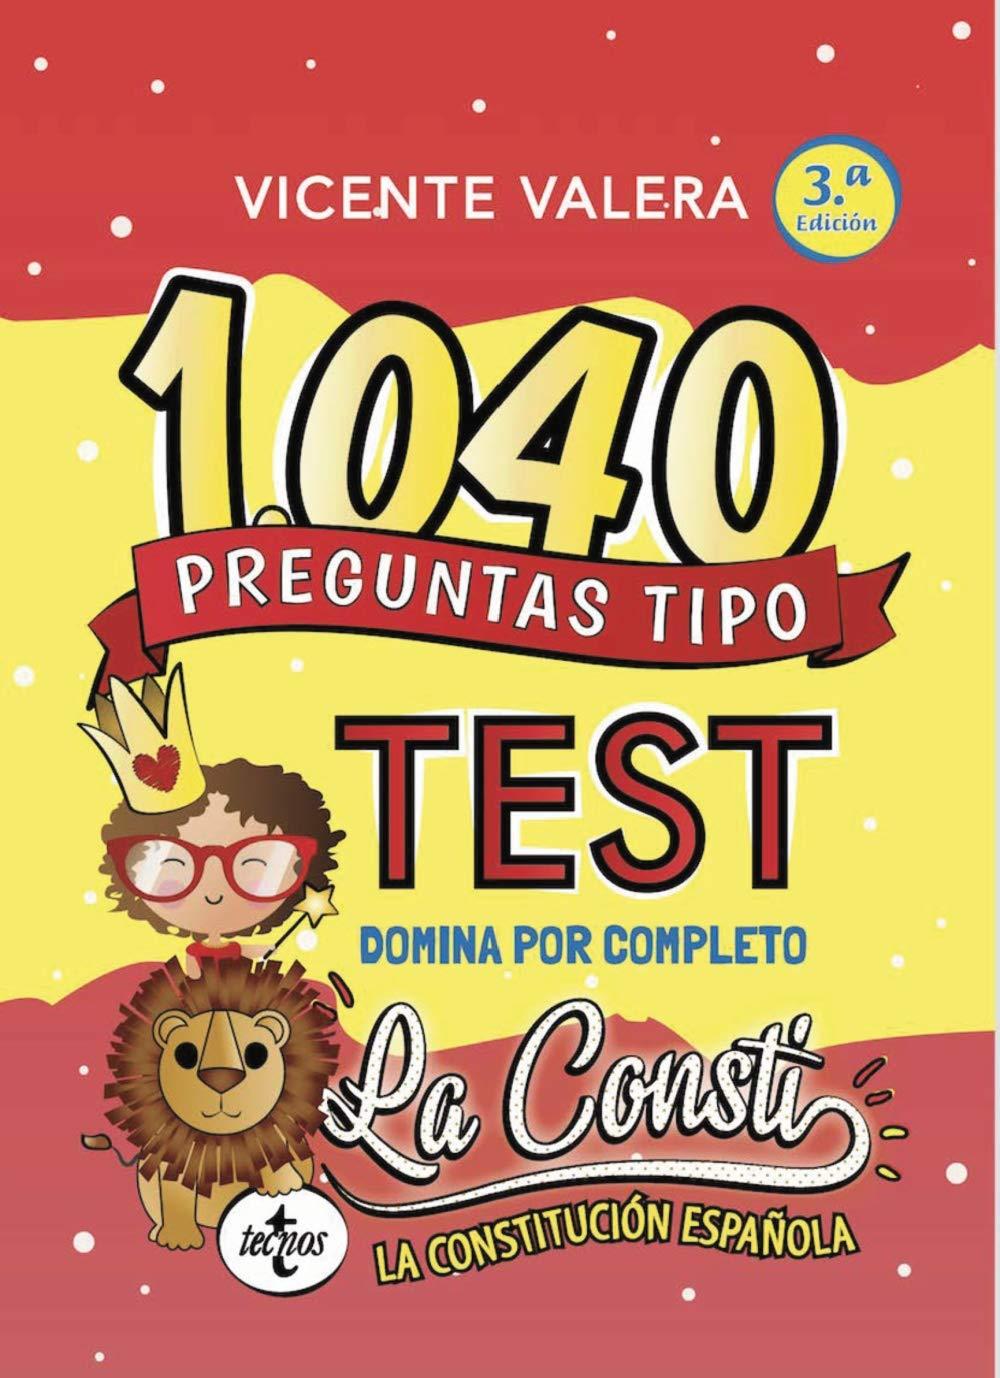 1040 preguntas tipo test La Consti: Constitución Española: Amazon.es: Valera, Vicente, Moure, Cinthia: Libros